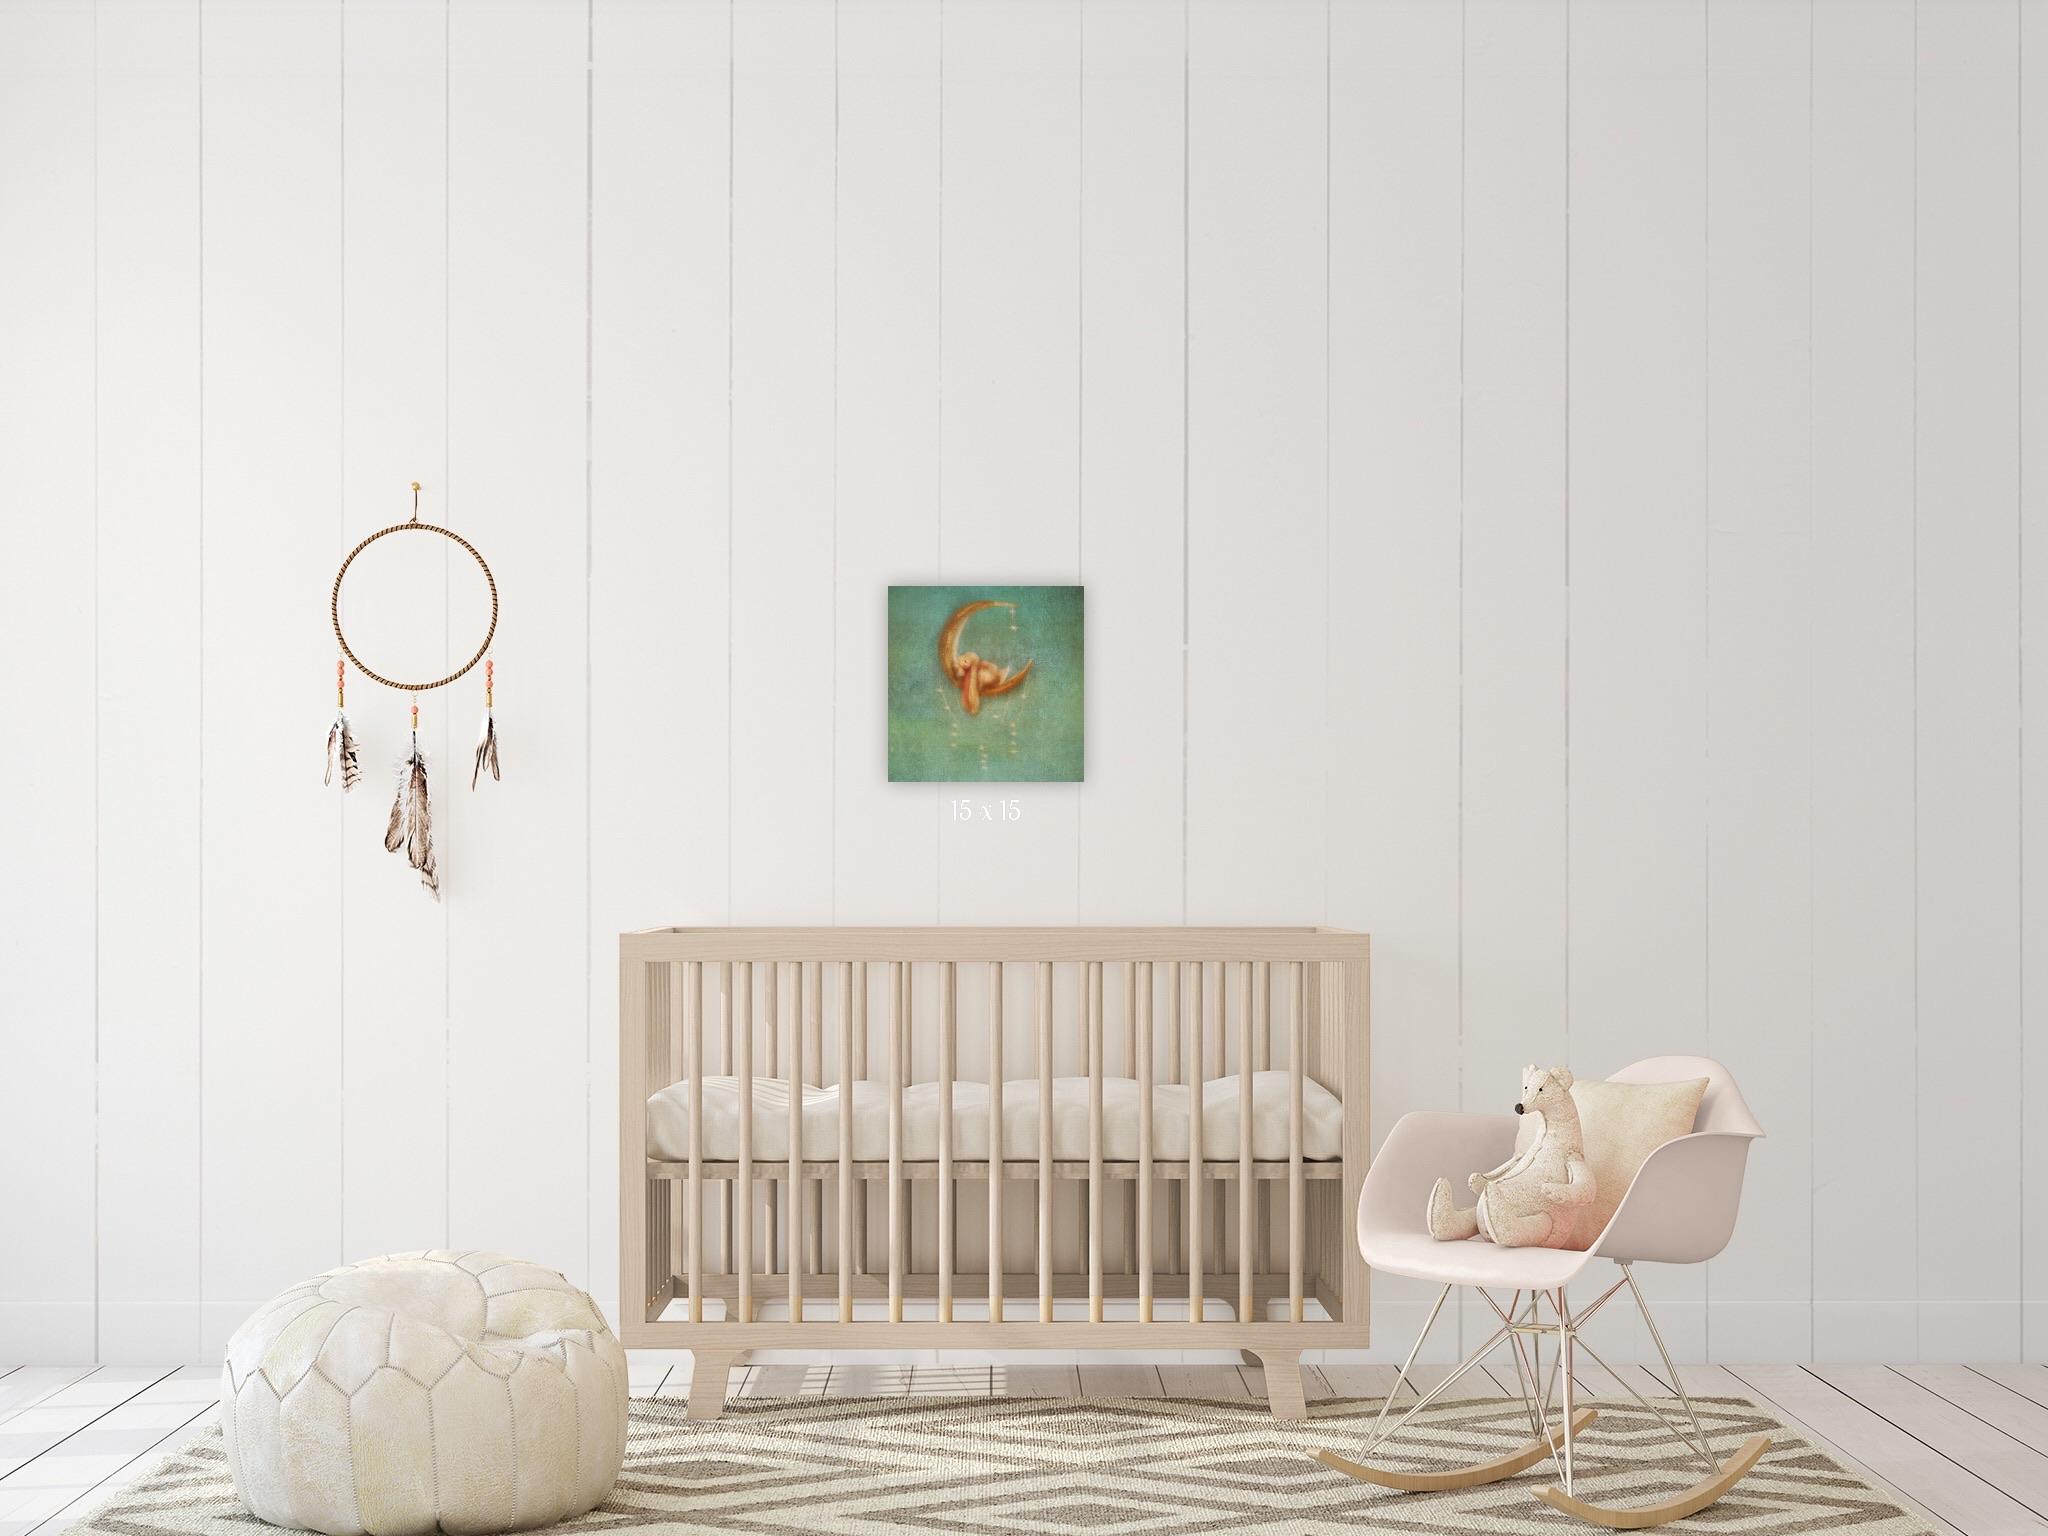 Boho Nursery Wall Art For Sale